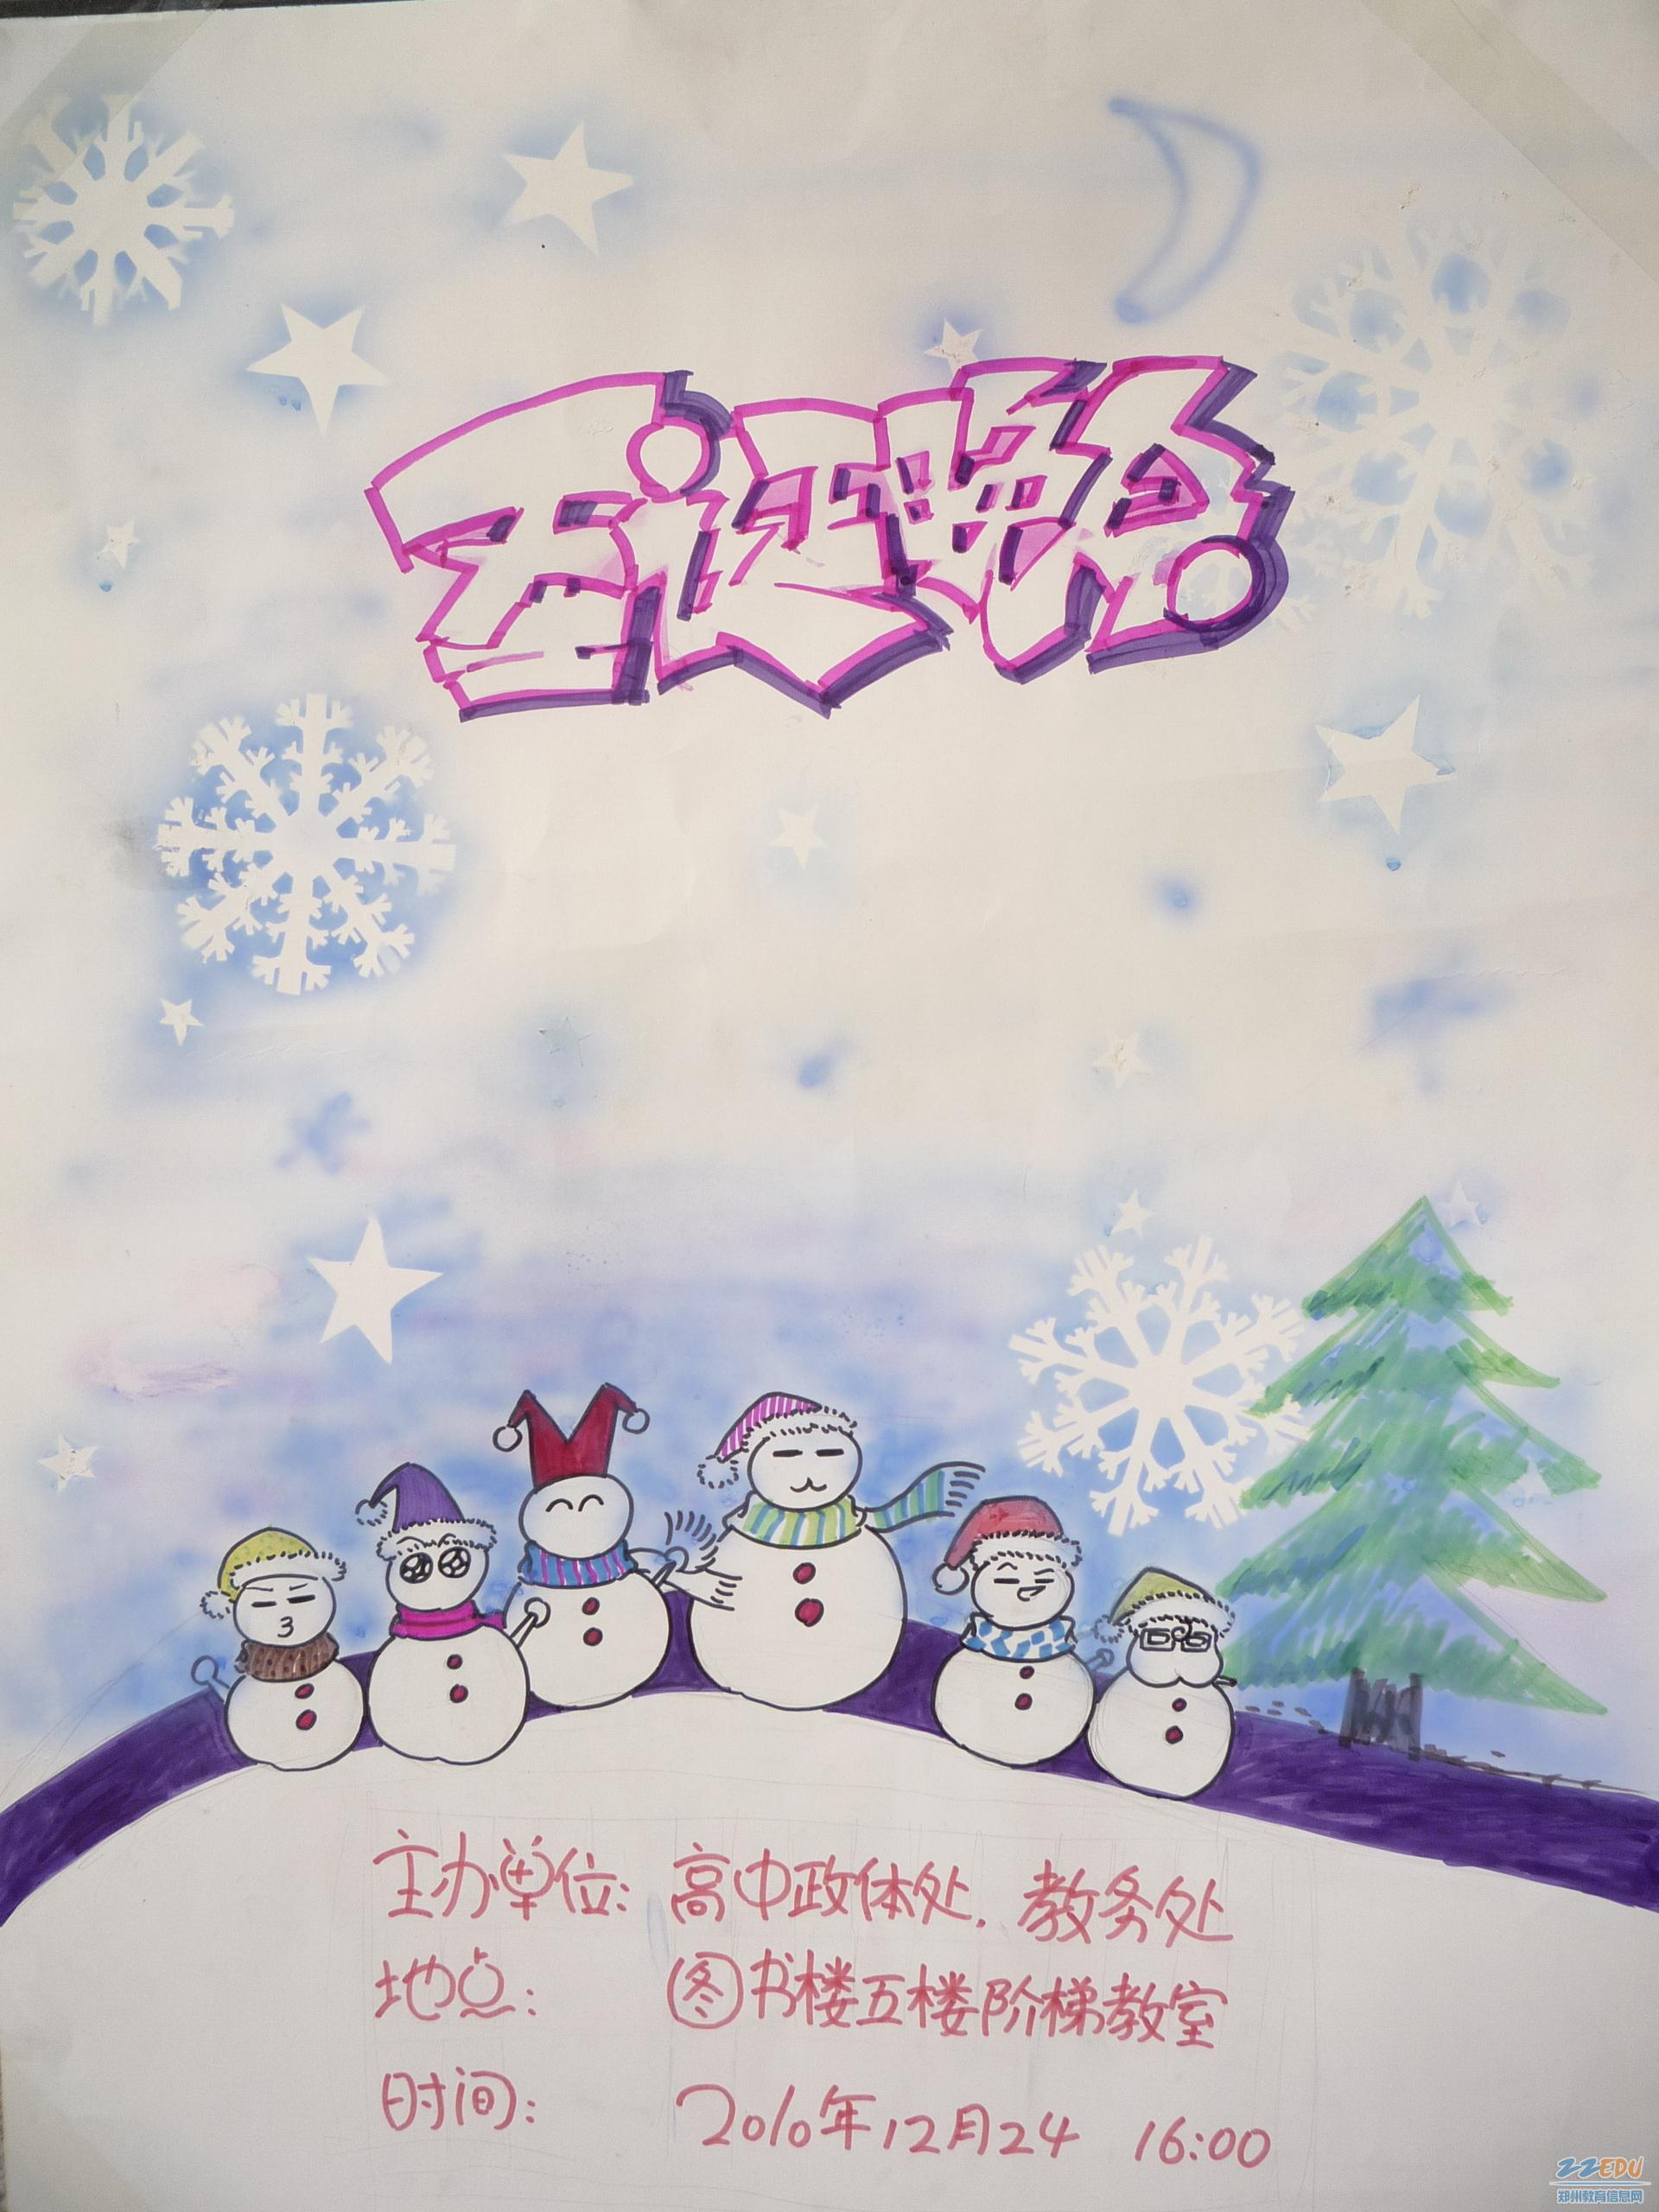 圣诞晚会海报